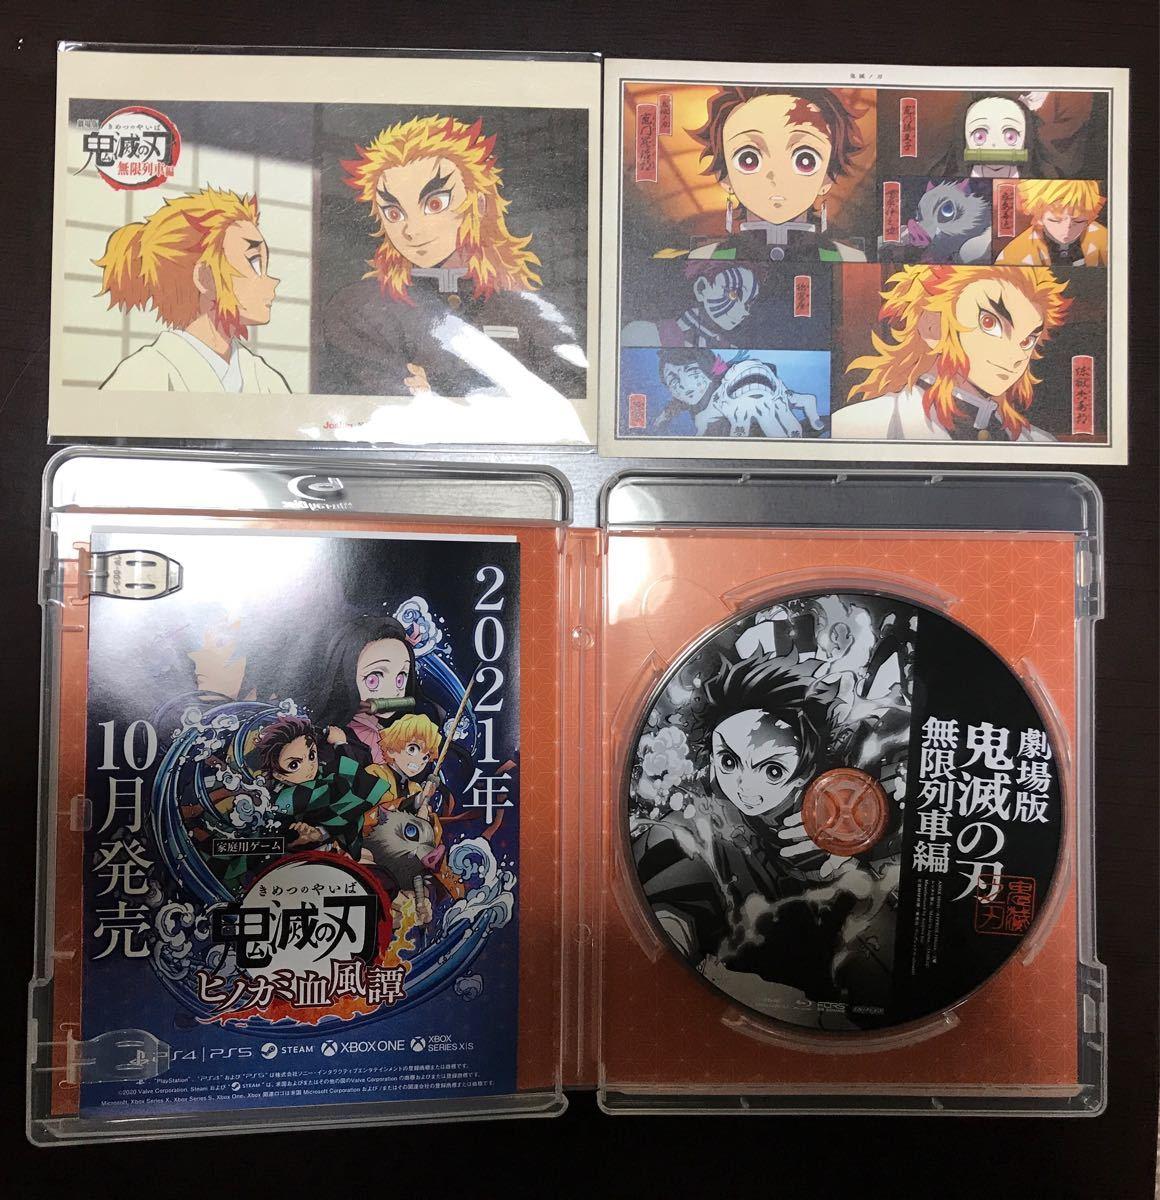 Blu-ray 限定盤 通常盤 DVD